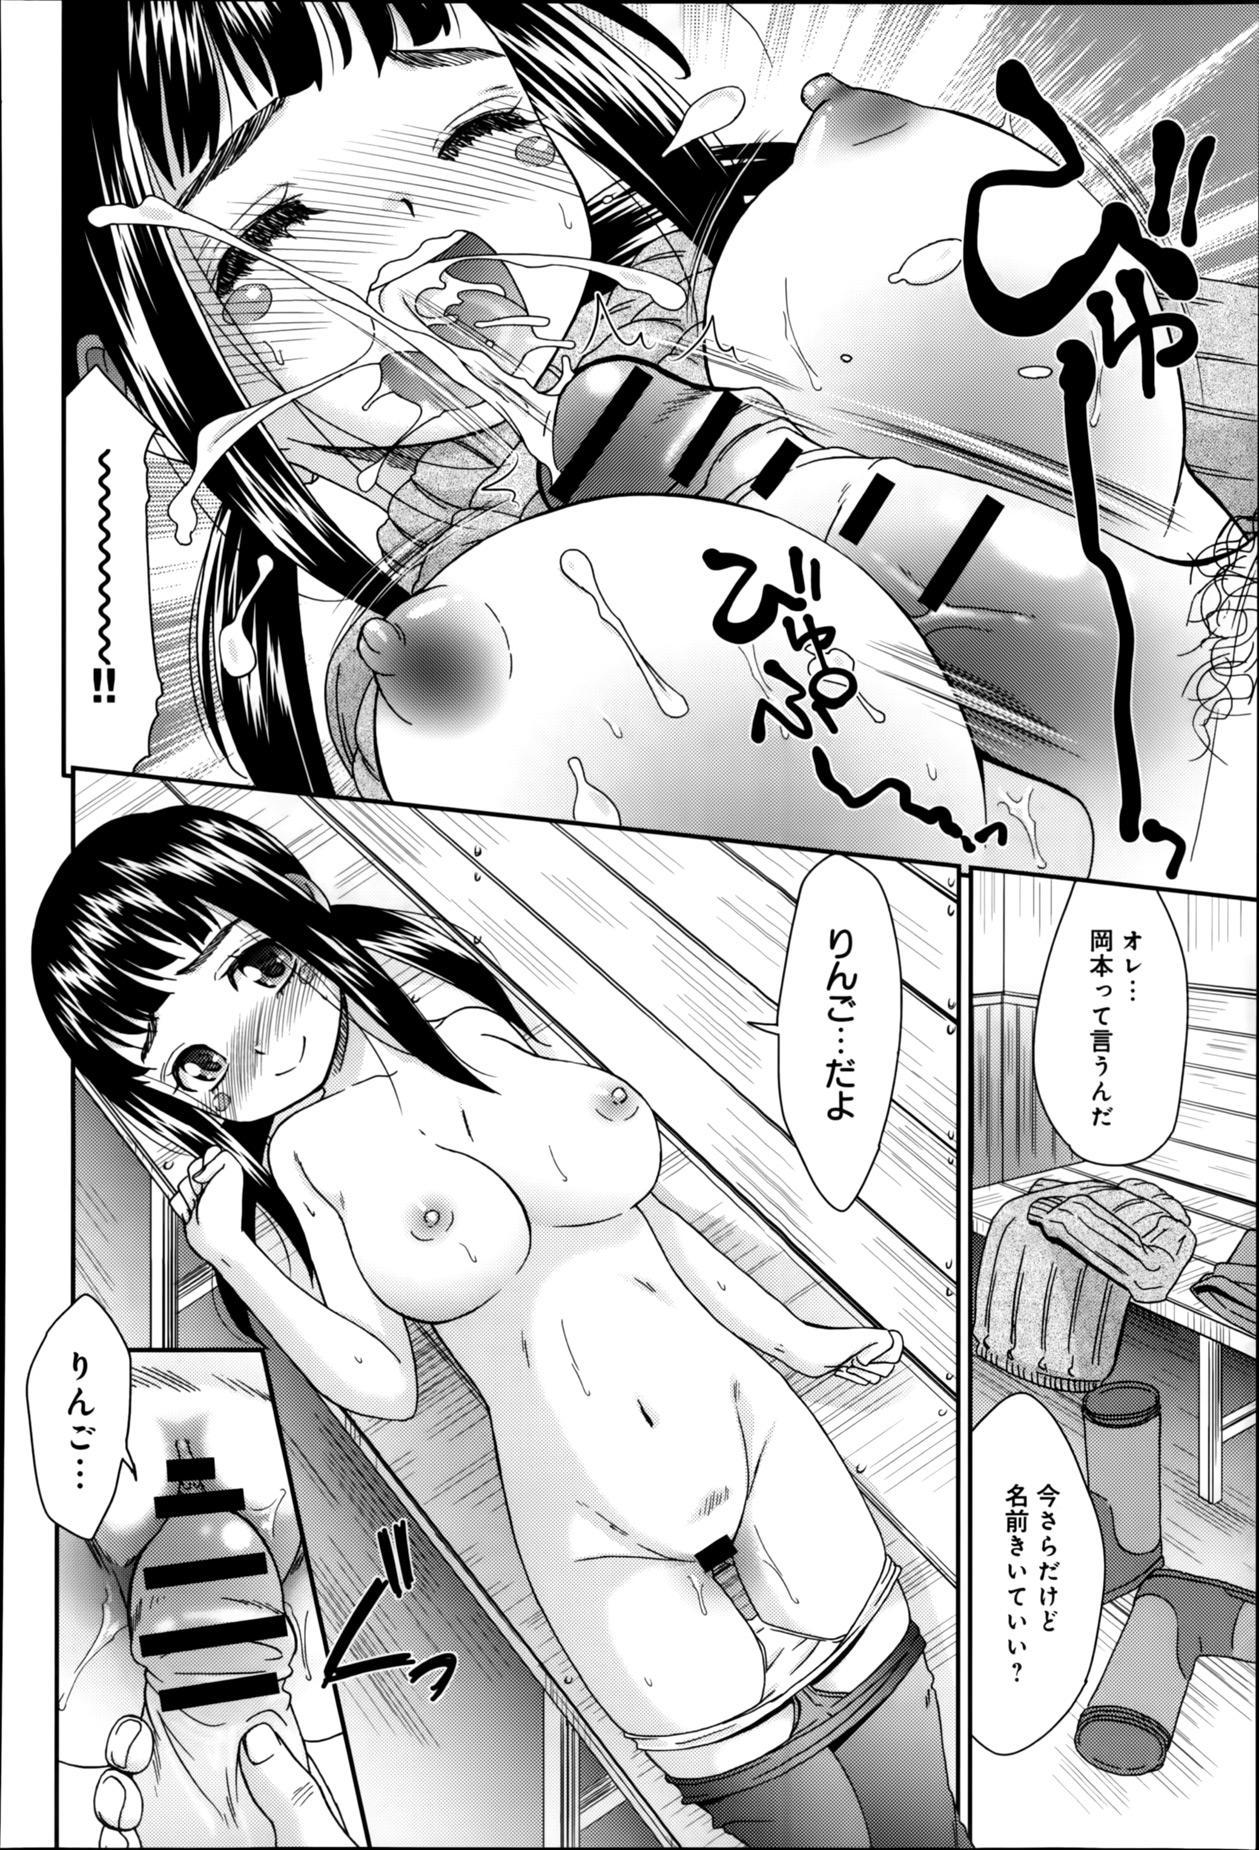 Comic Anthurium 009 2014-01 122